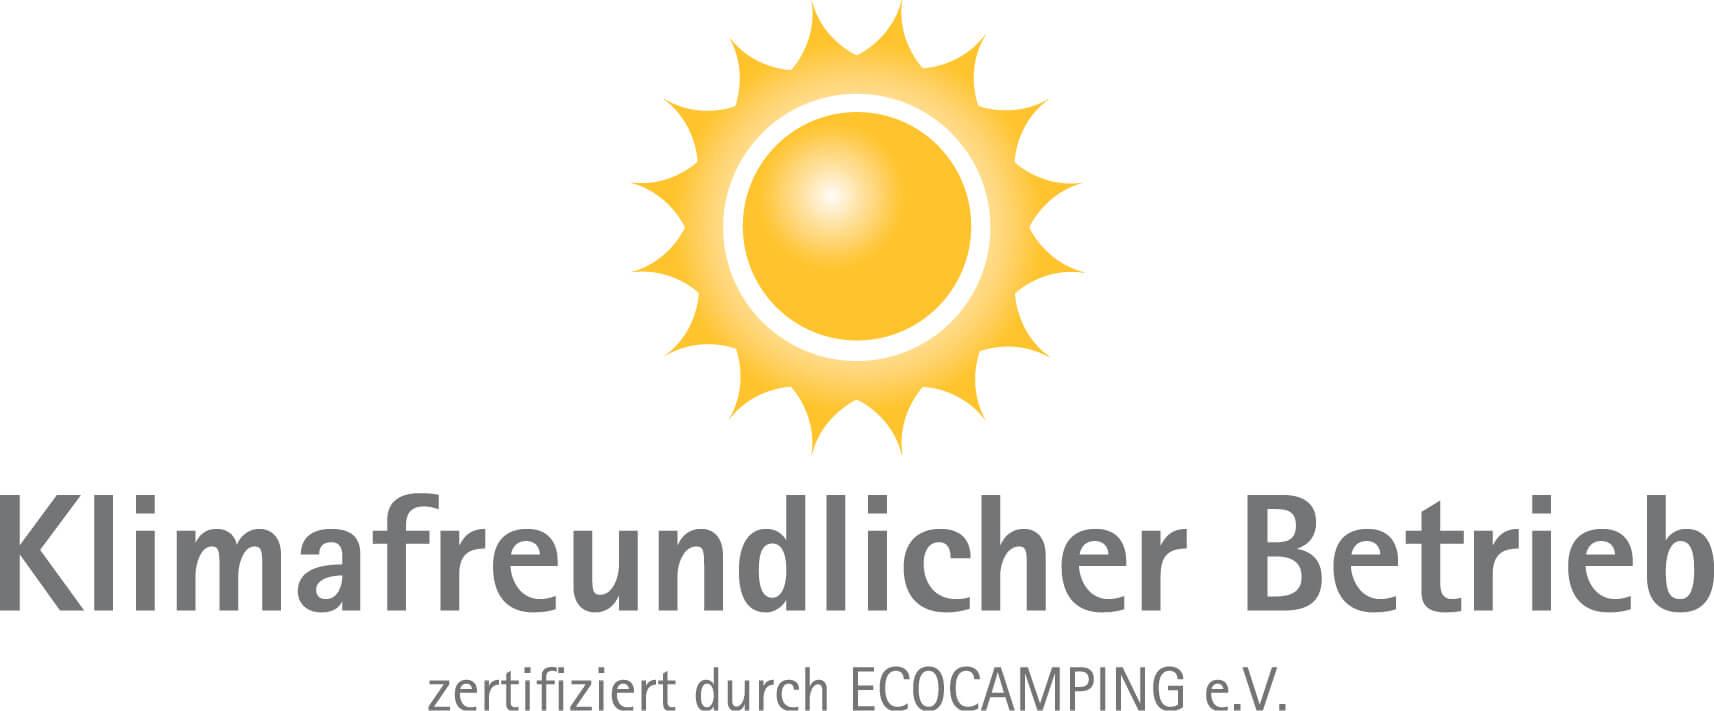 ECOCAMPING_Klimafreundlicher Betrieb